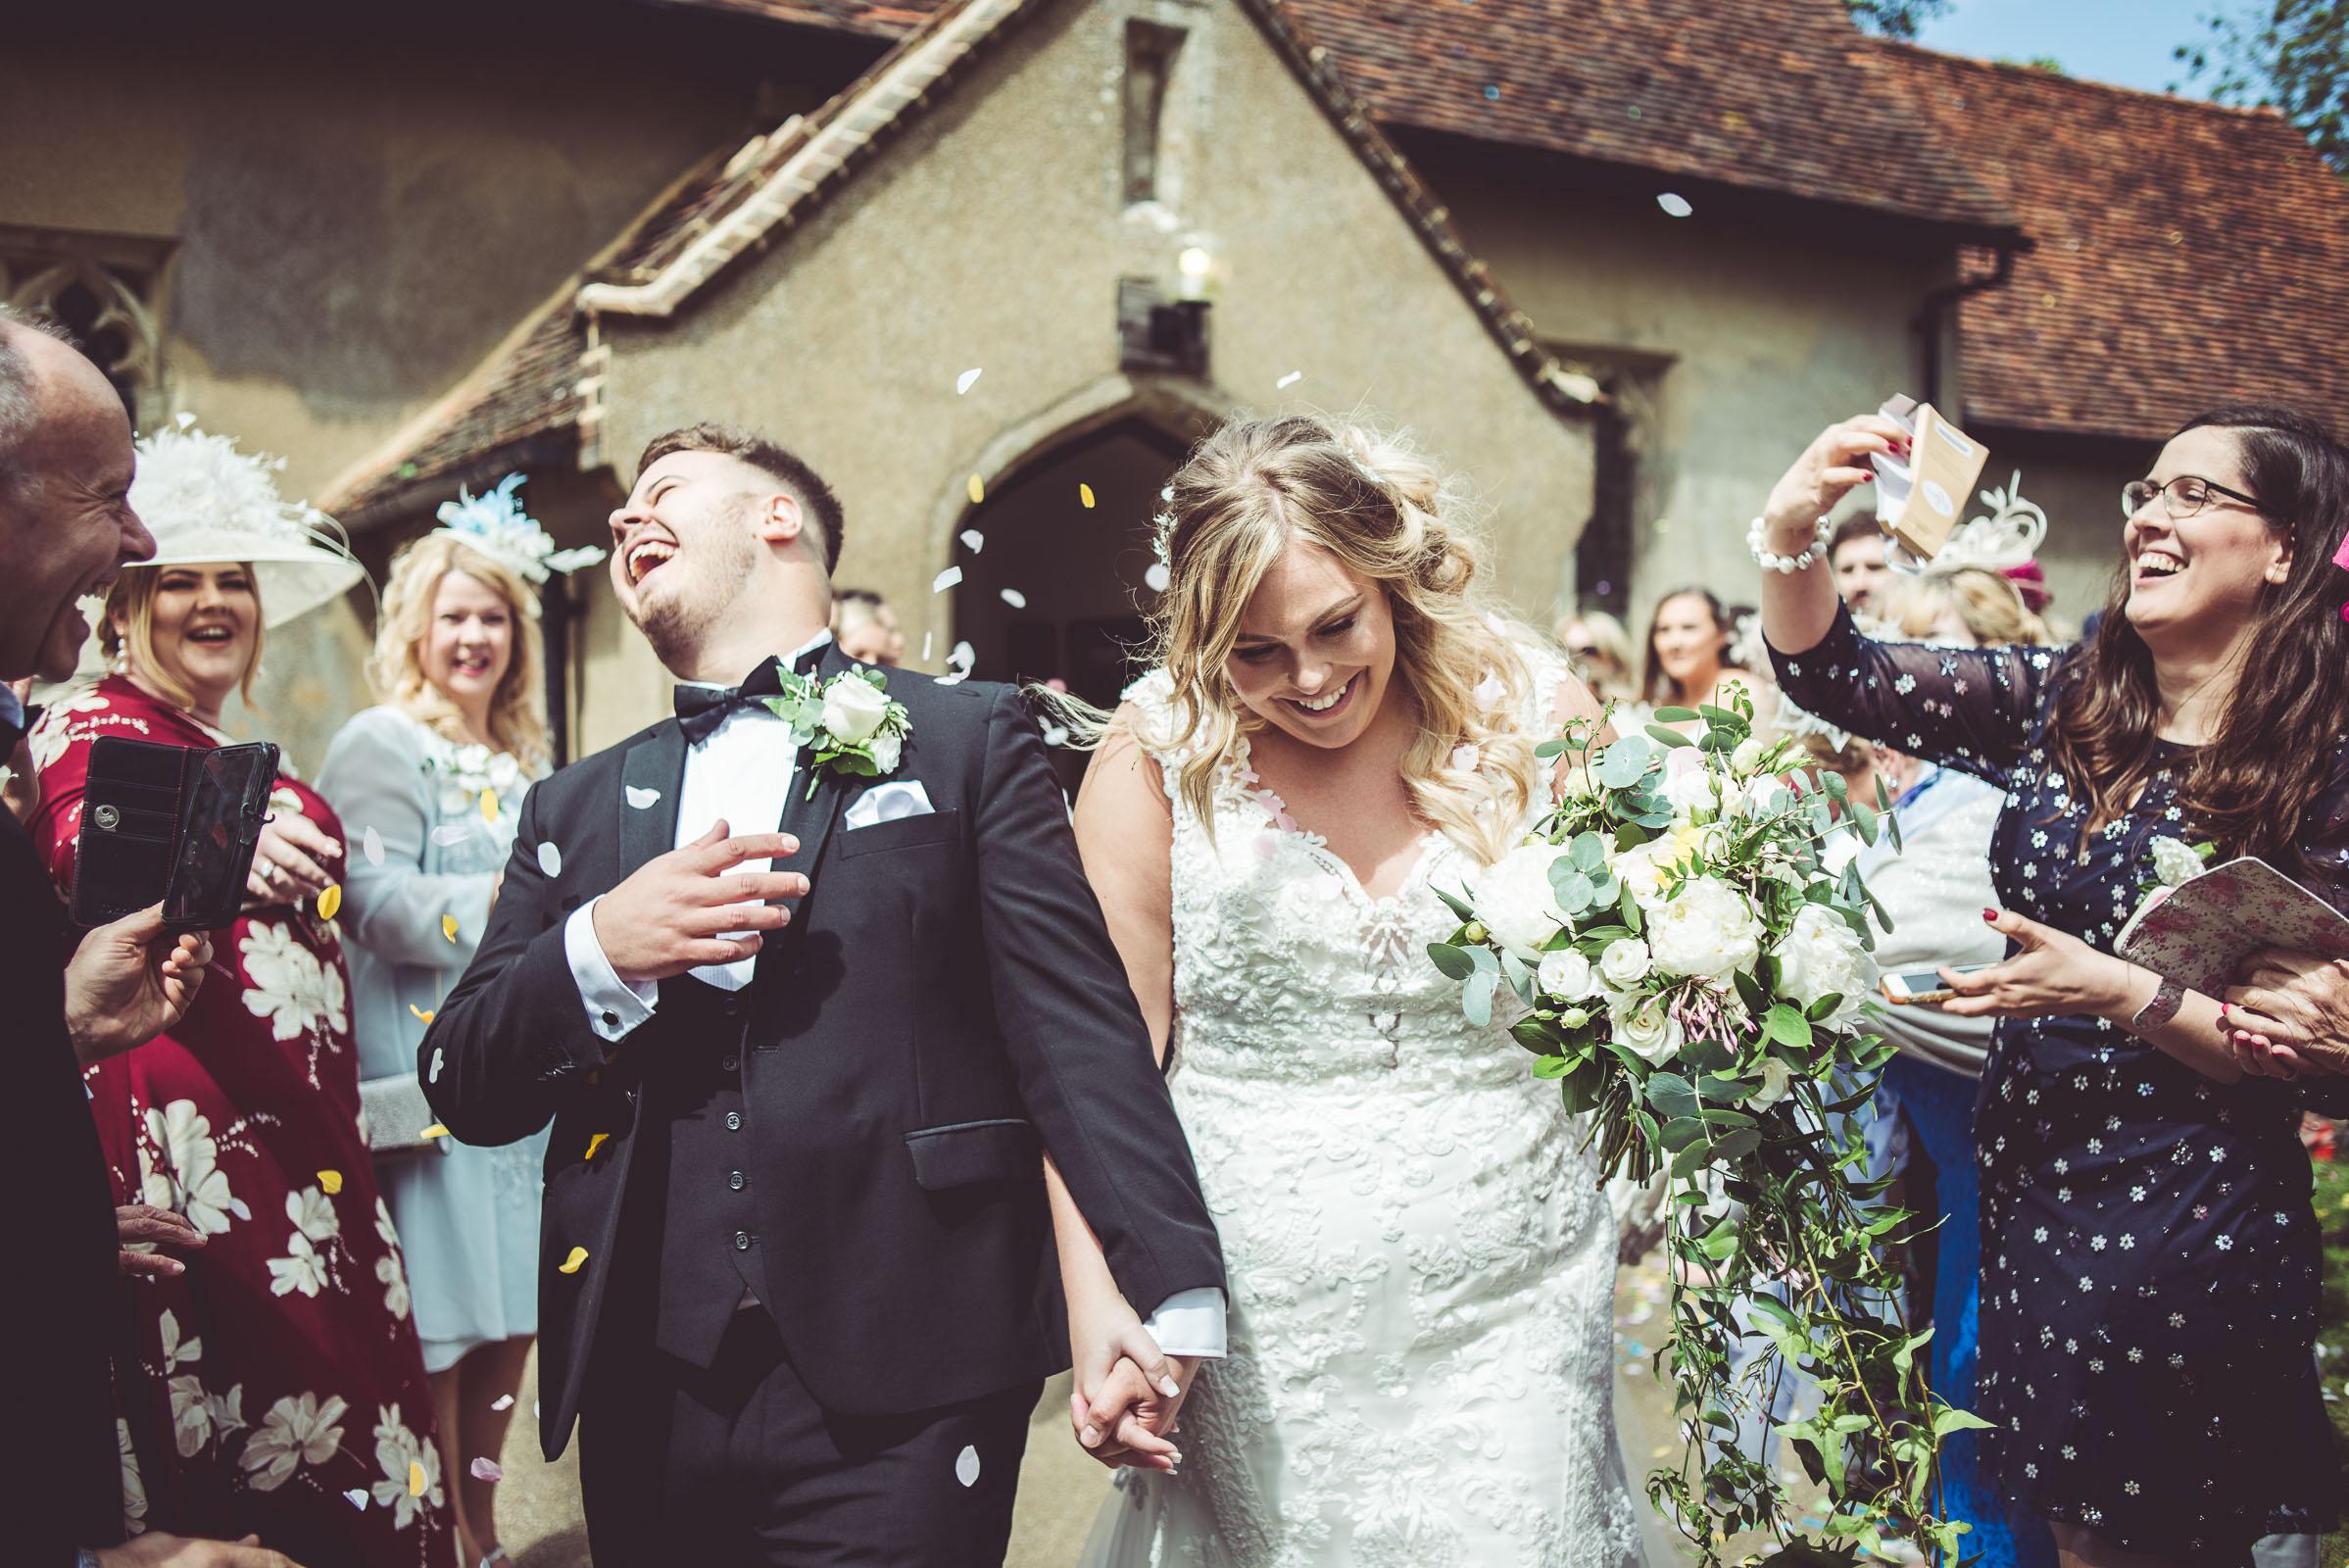 Lutonhoo-wedding-Bedfordshire-Datchworth-Tewinburyfarm-50.jpg